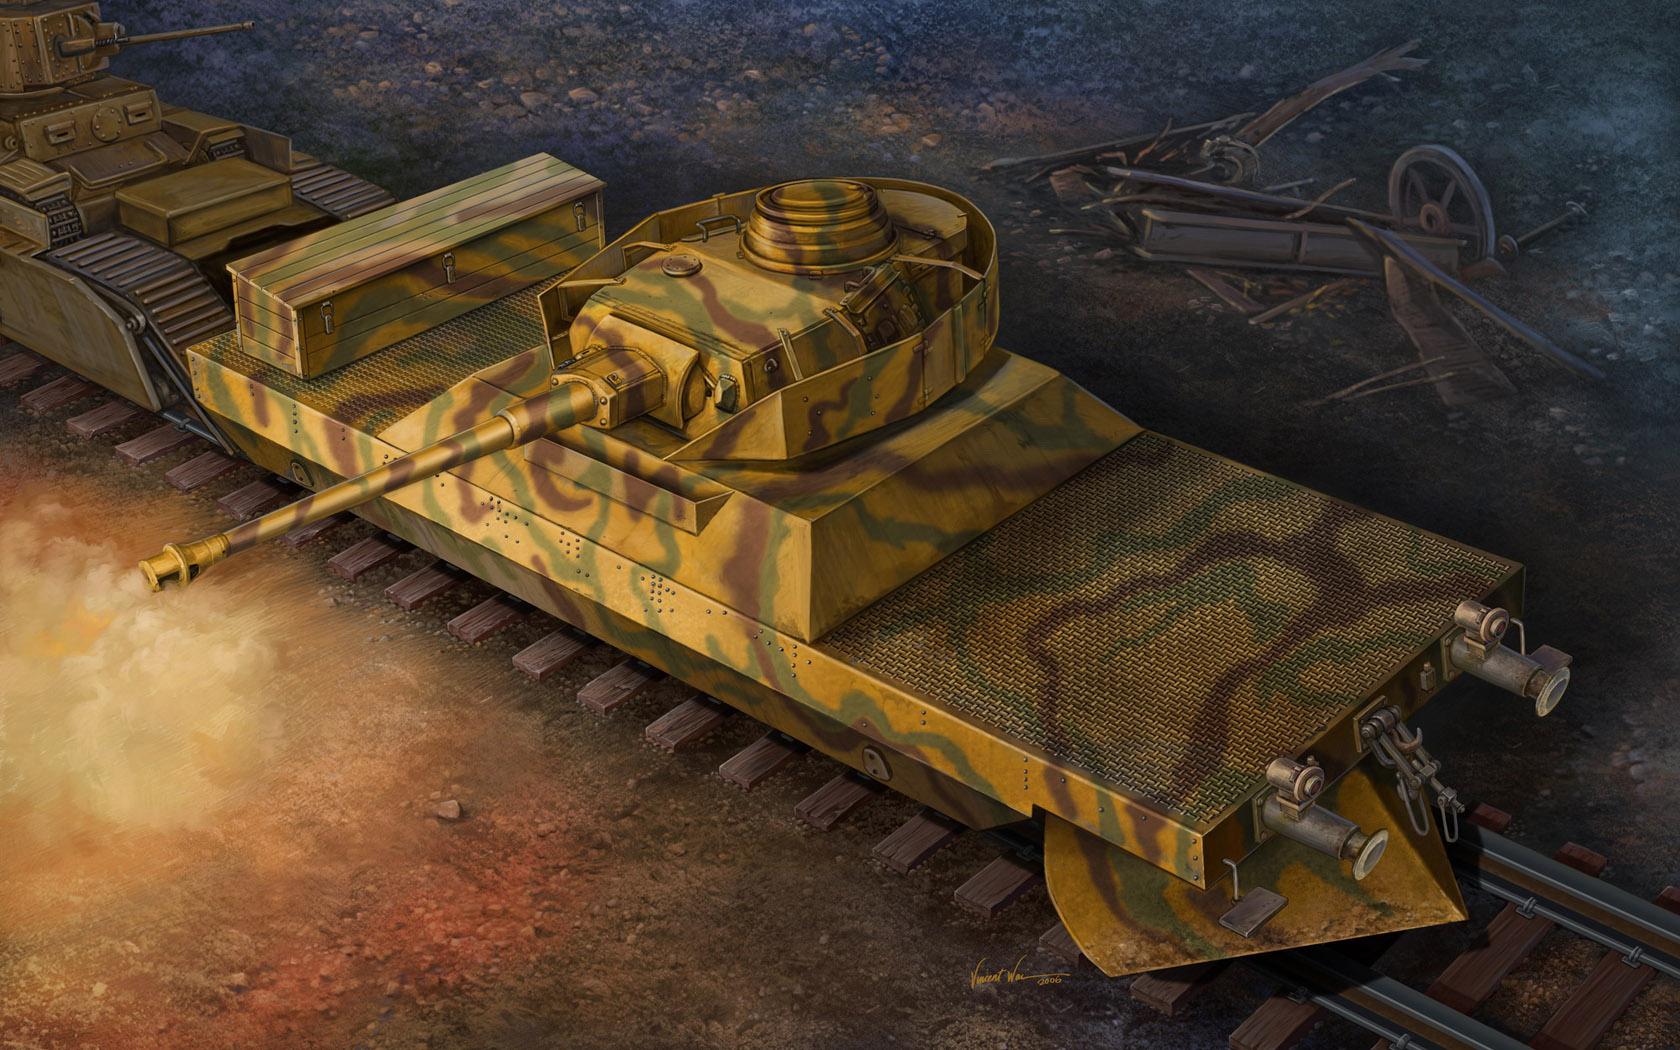 рисунок Немецкий Panzerjägerwagen